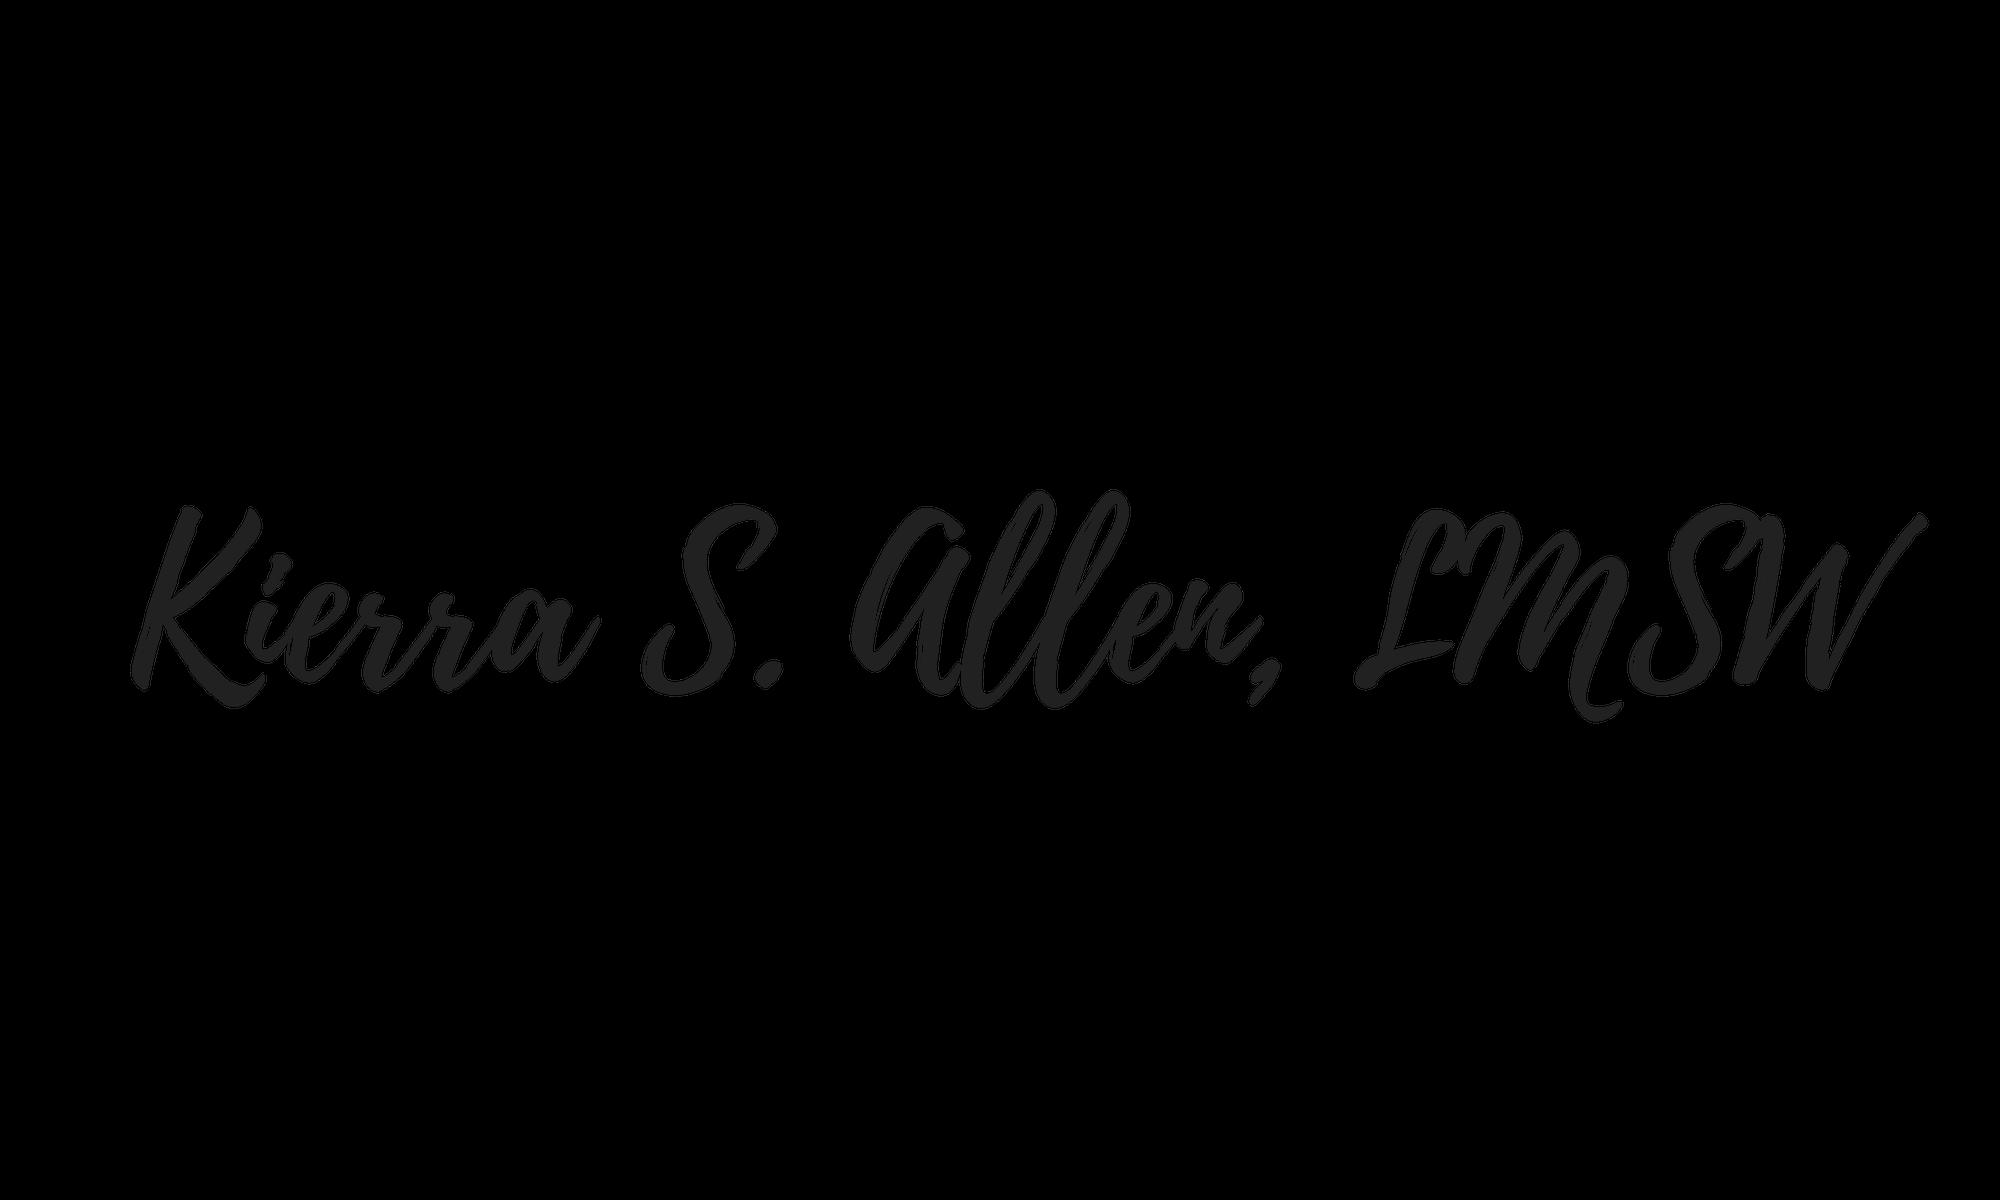 KIERRA S. ALLEN, LMSW